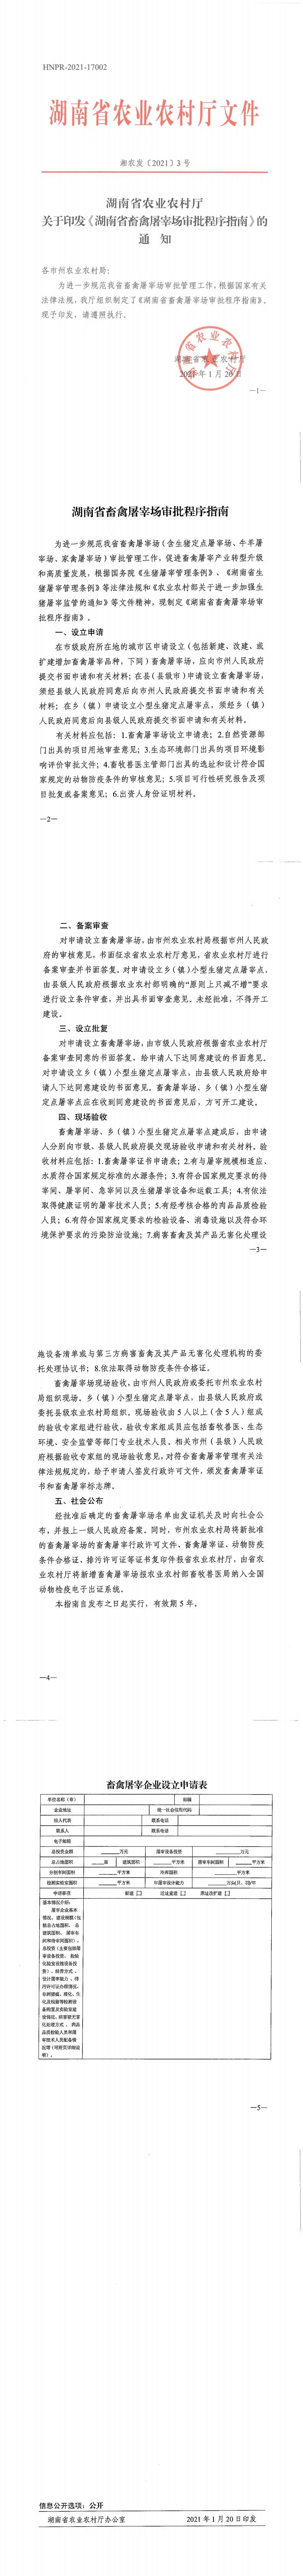 湖南省农业农村厅关于印发《湖南省畜禽屠宰场审批程序指南》的通知